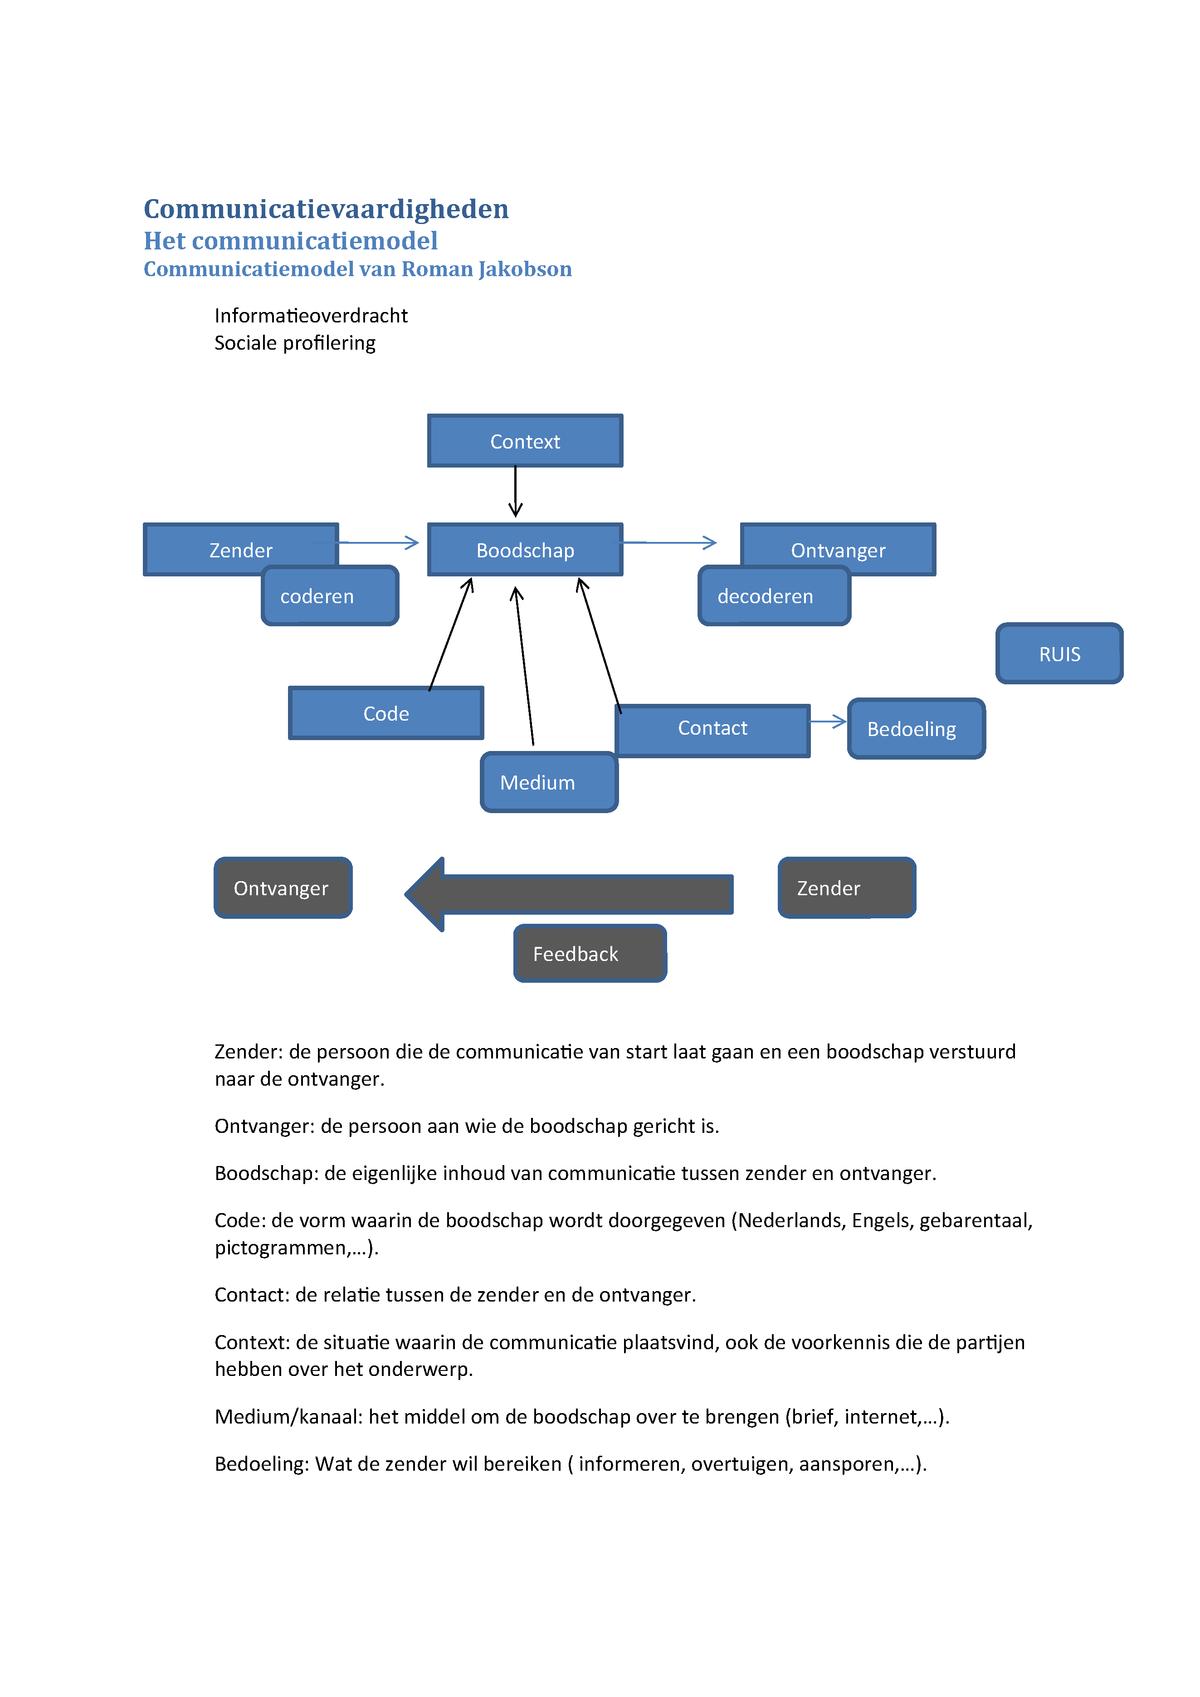 Communicatievaardigheden Samenvatting Hogent Studocu